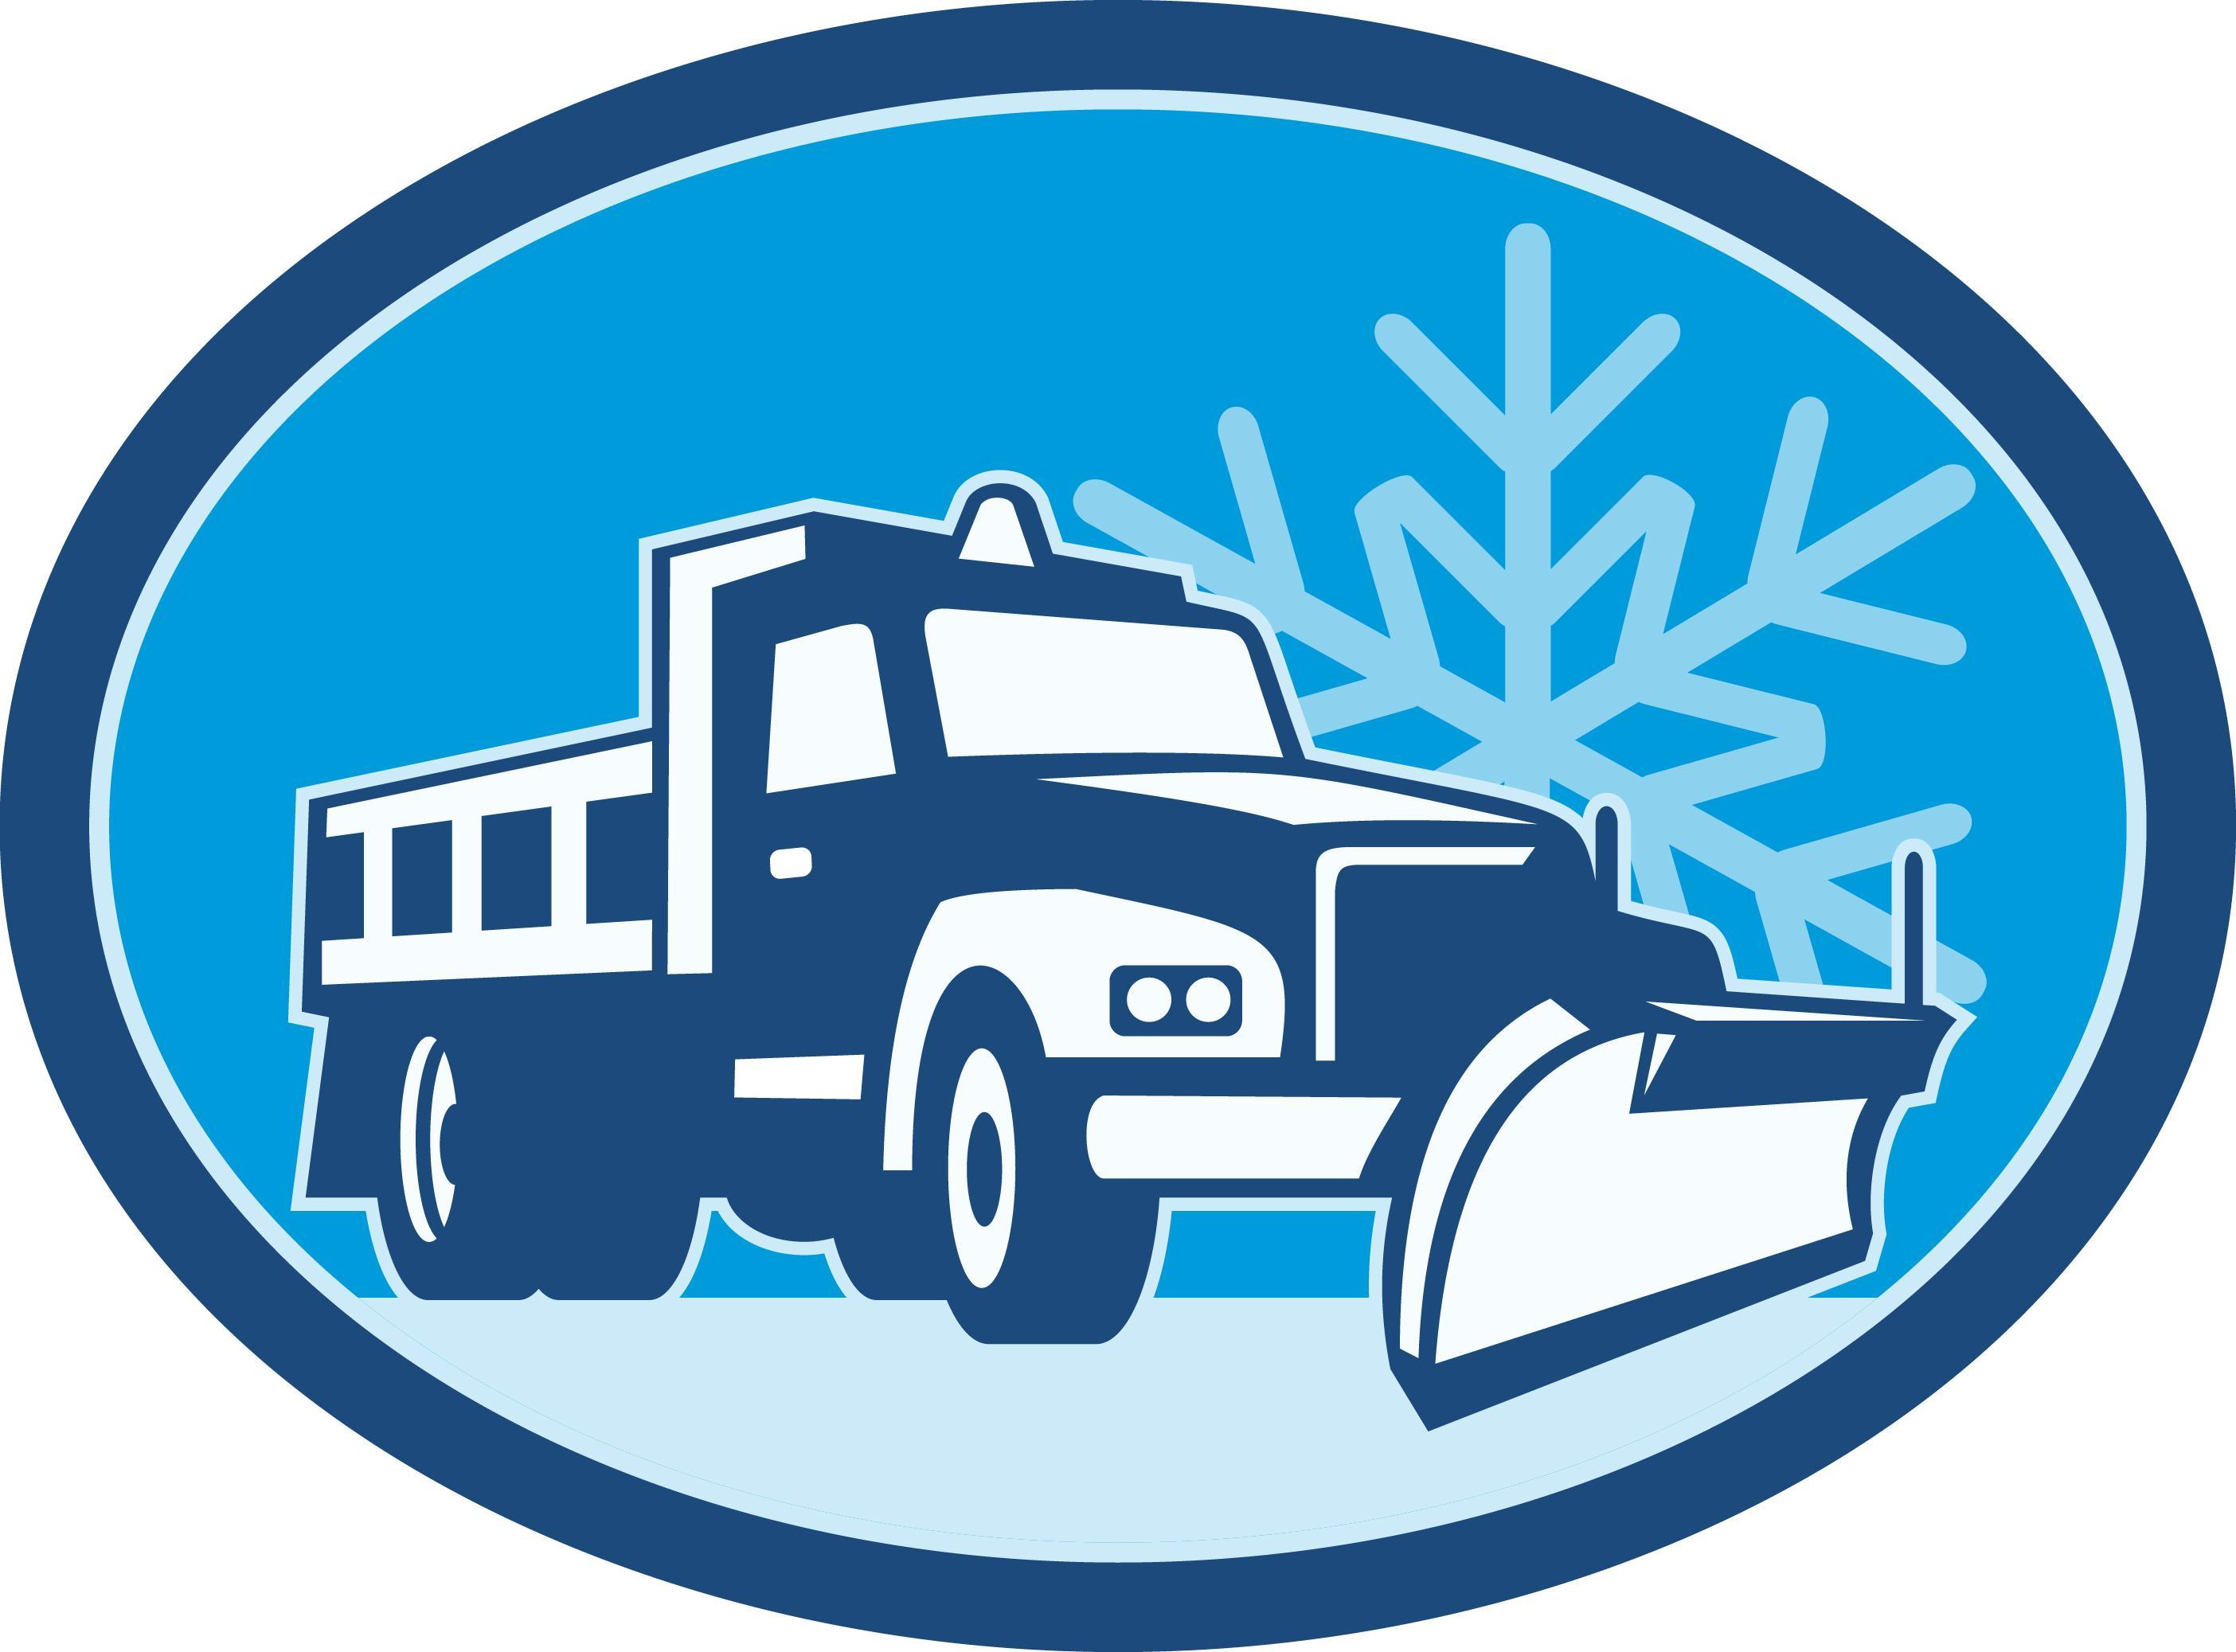 2808x2075 Best Free Logo Snow Plow Truck Frnt File